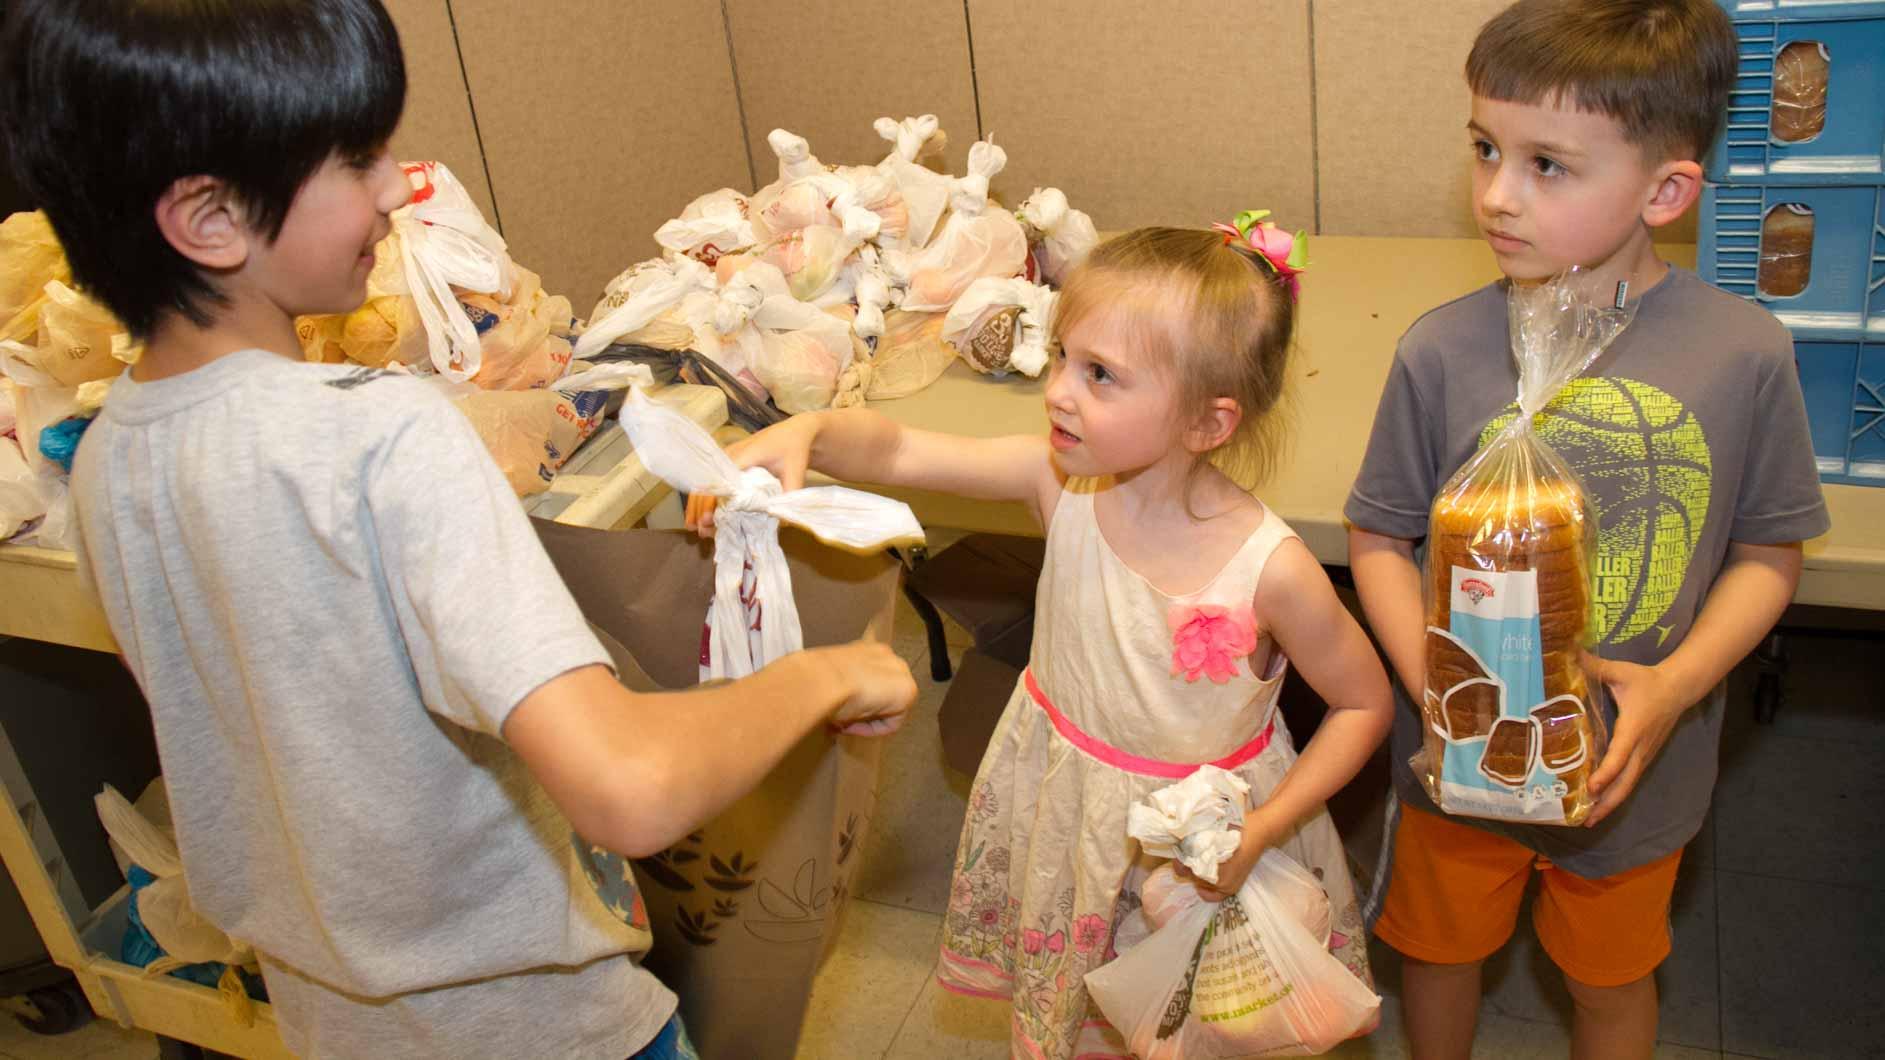 KIDS HELPING KIDS!